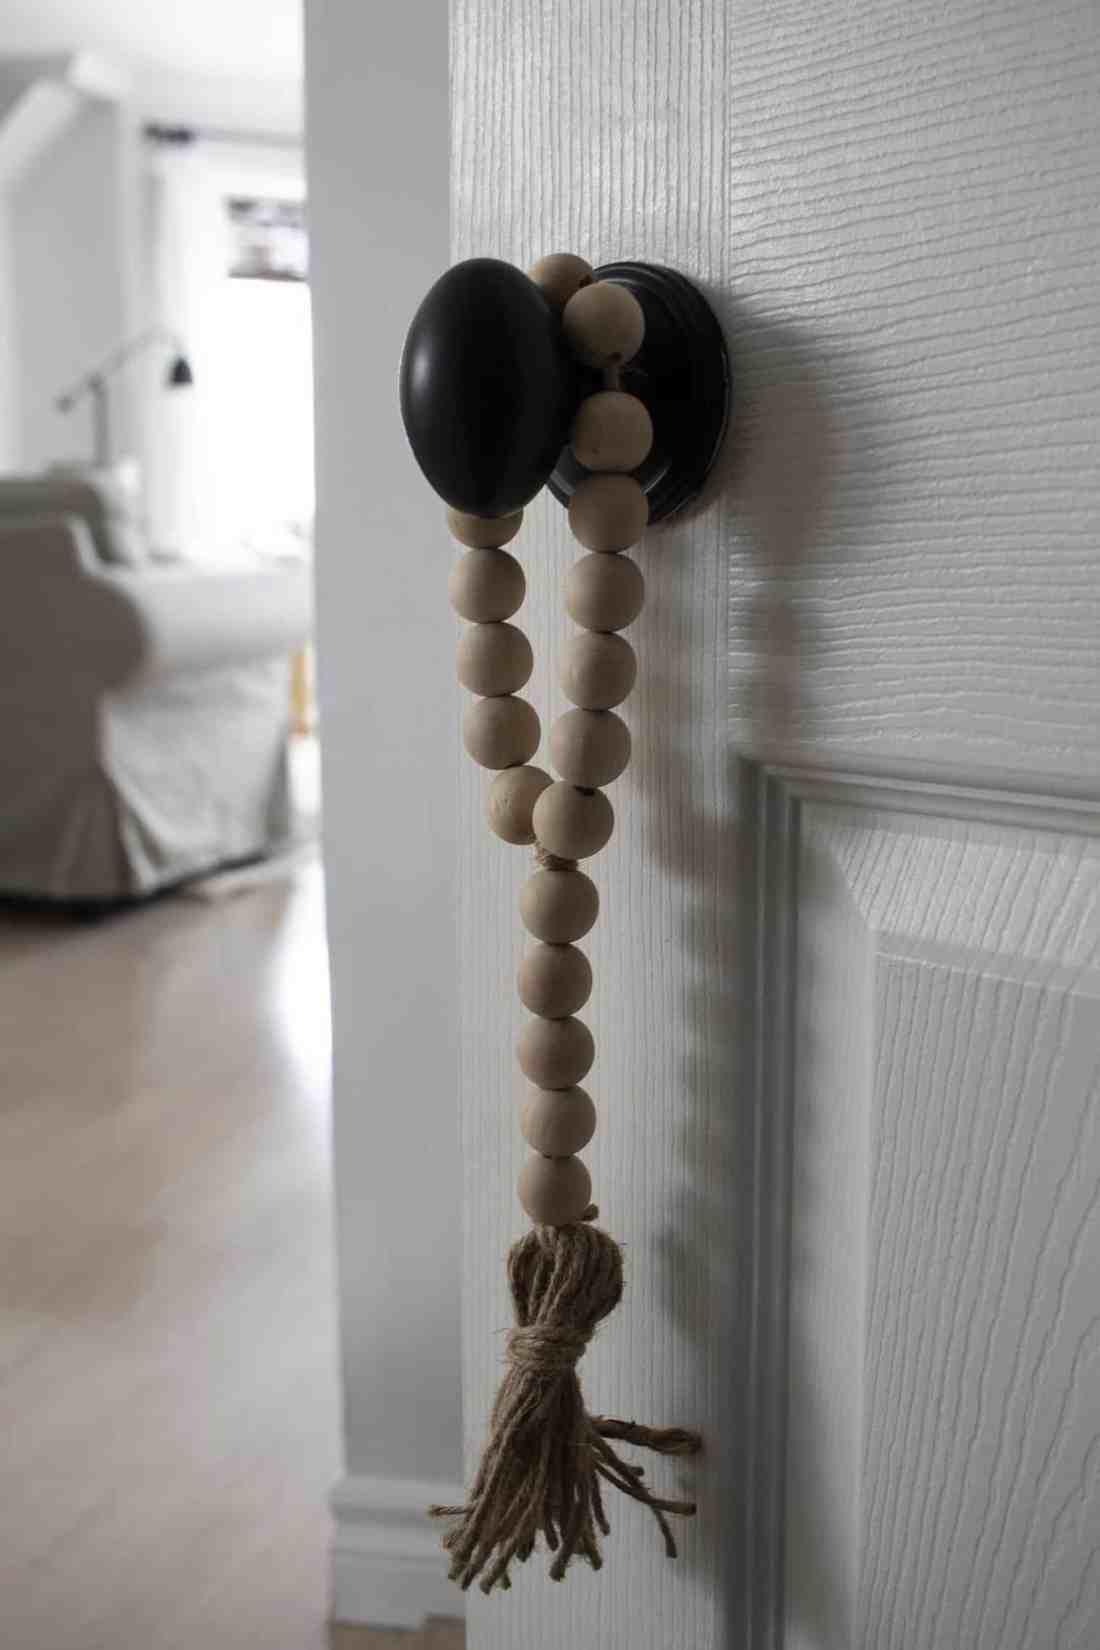 door knob hanger on door lr in background